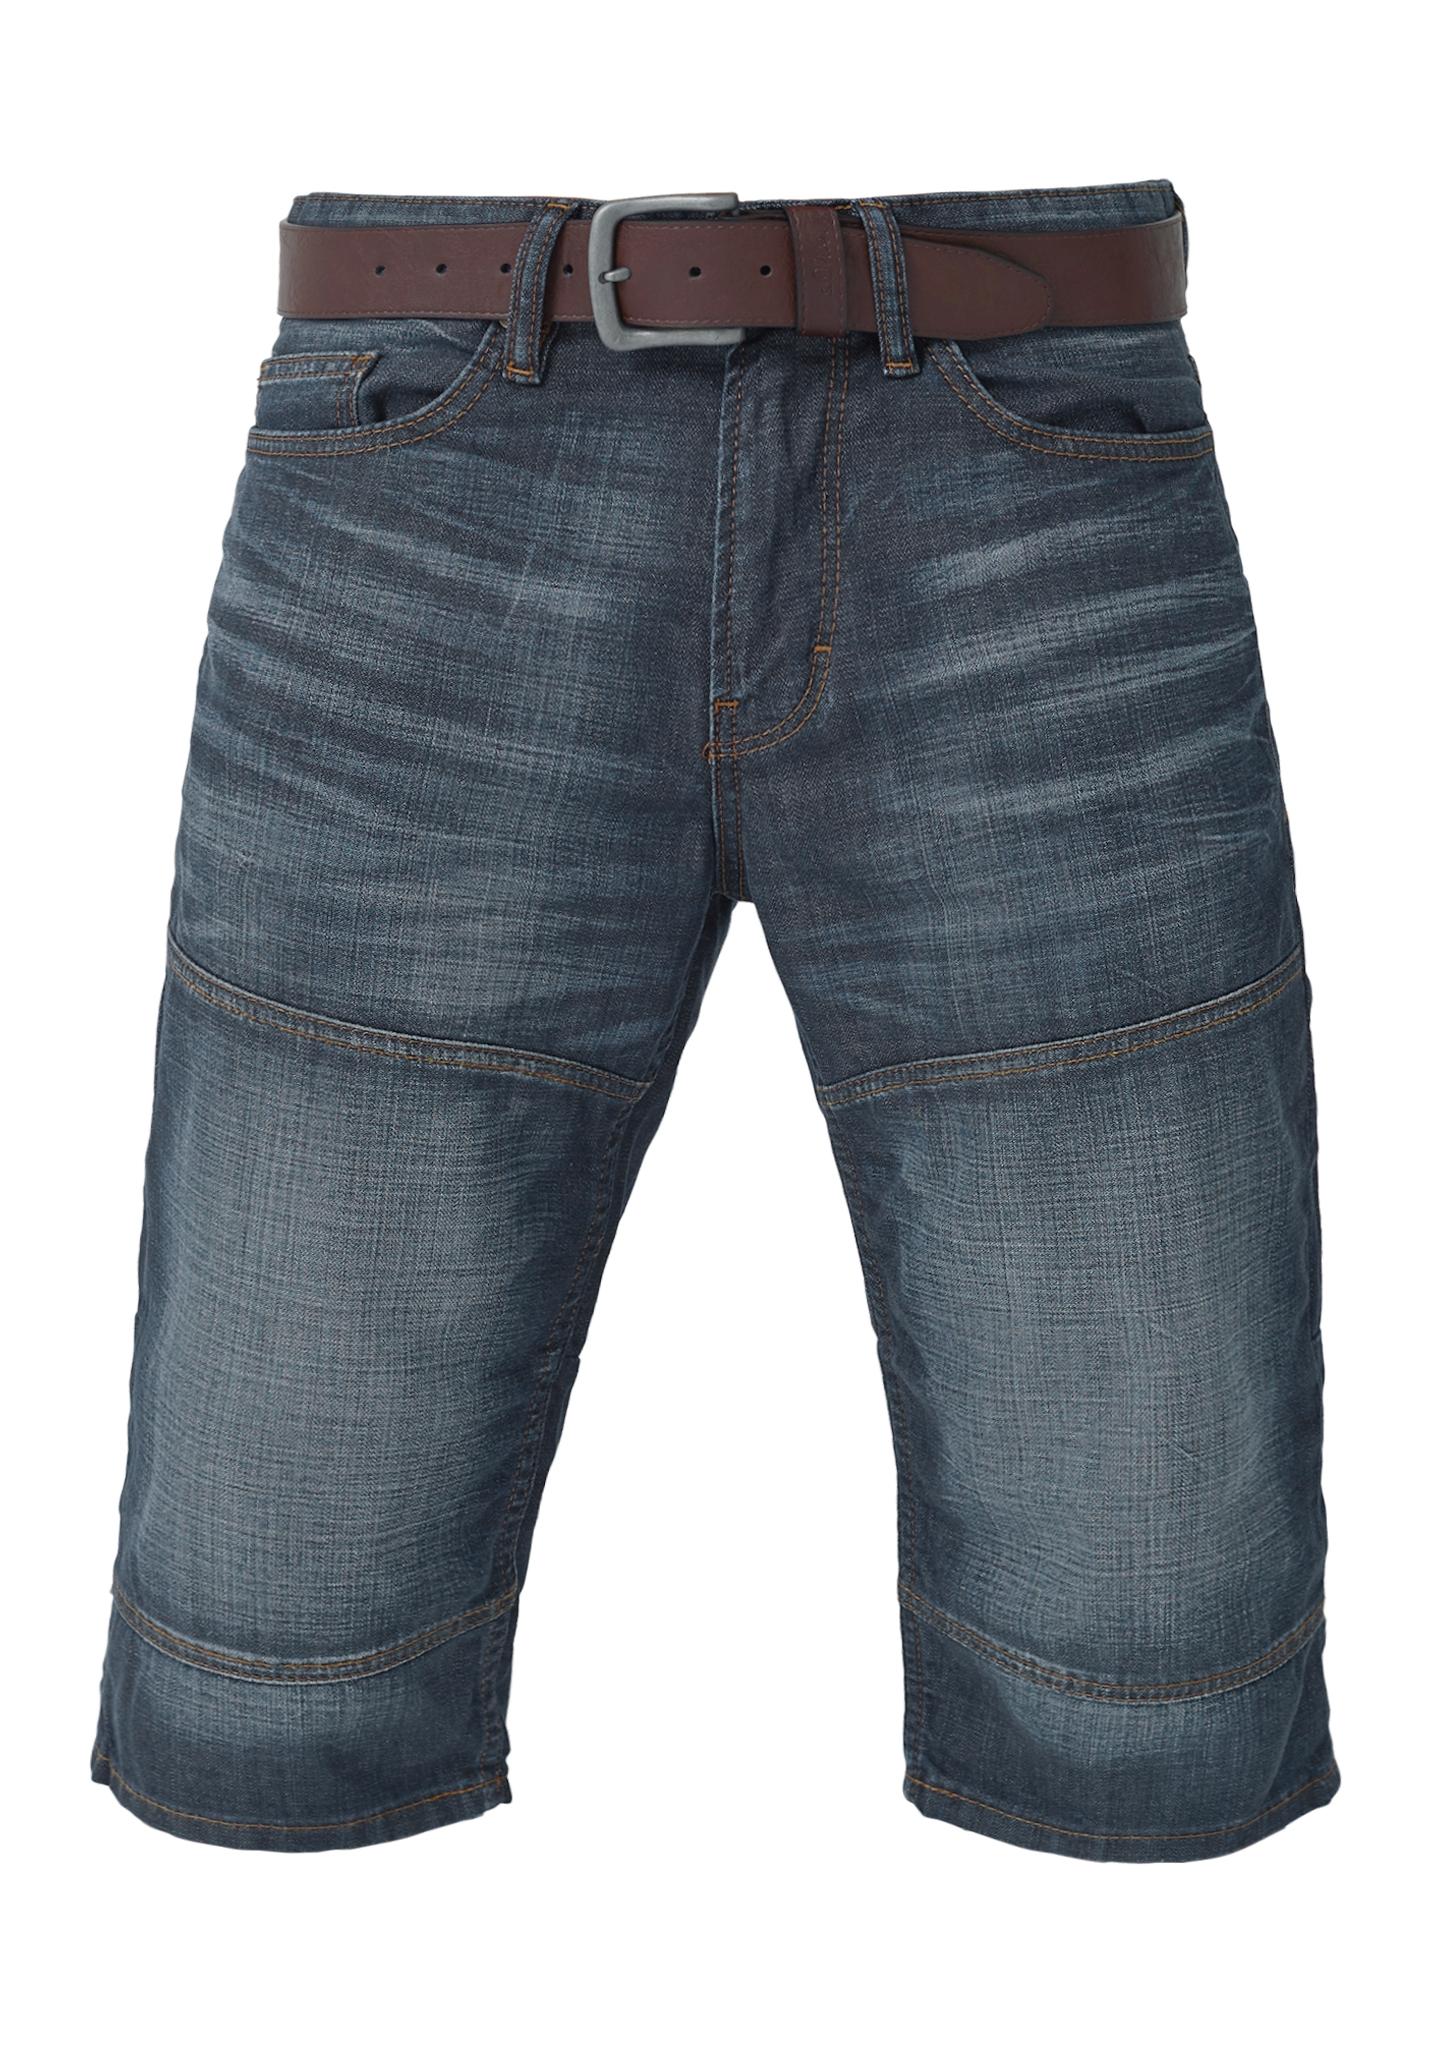 Jeansbermuda | Bekleidung > Shorts & Bermudas > Jeans Bermudas | Blau | Oberstoff: 100% baumwolle| futter: 65% polyester -  35% baumwolle | s.Oliver